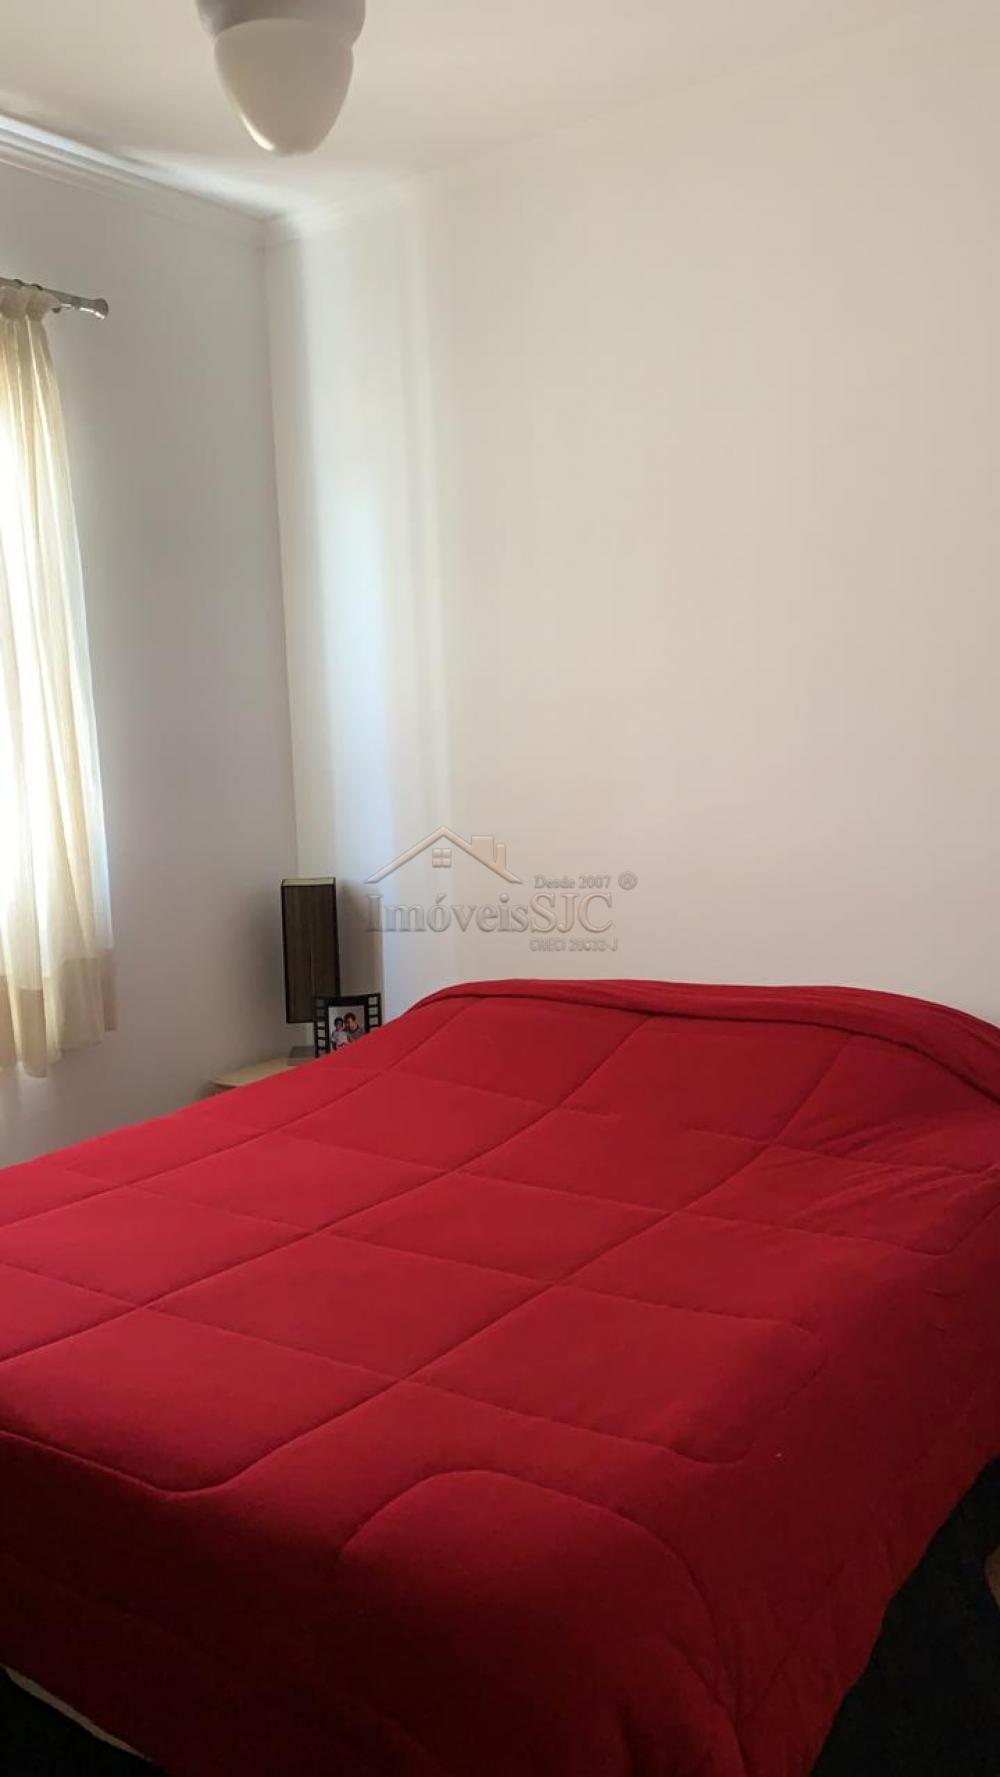 Comprar Apartamentos / Padrão em São José dos Campos apenas R$ 680.000,00 - Foto 11